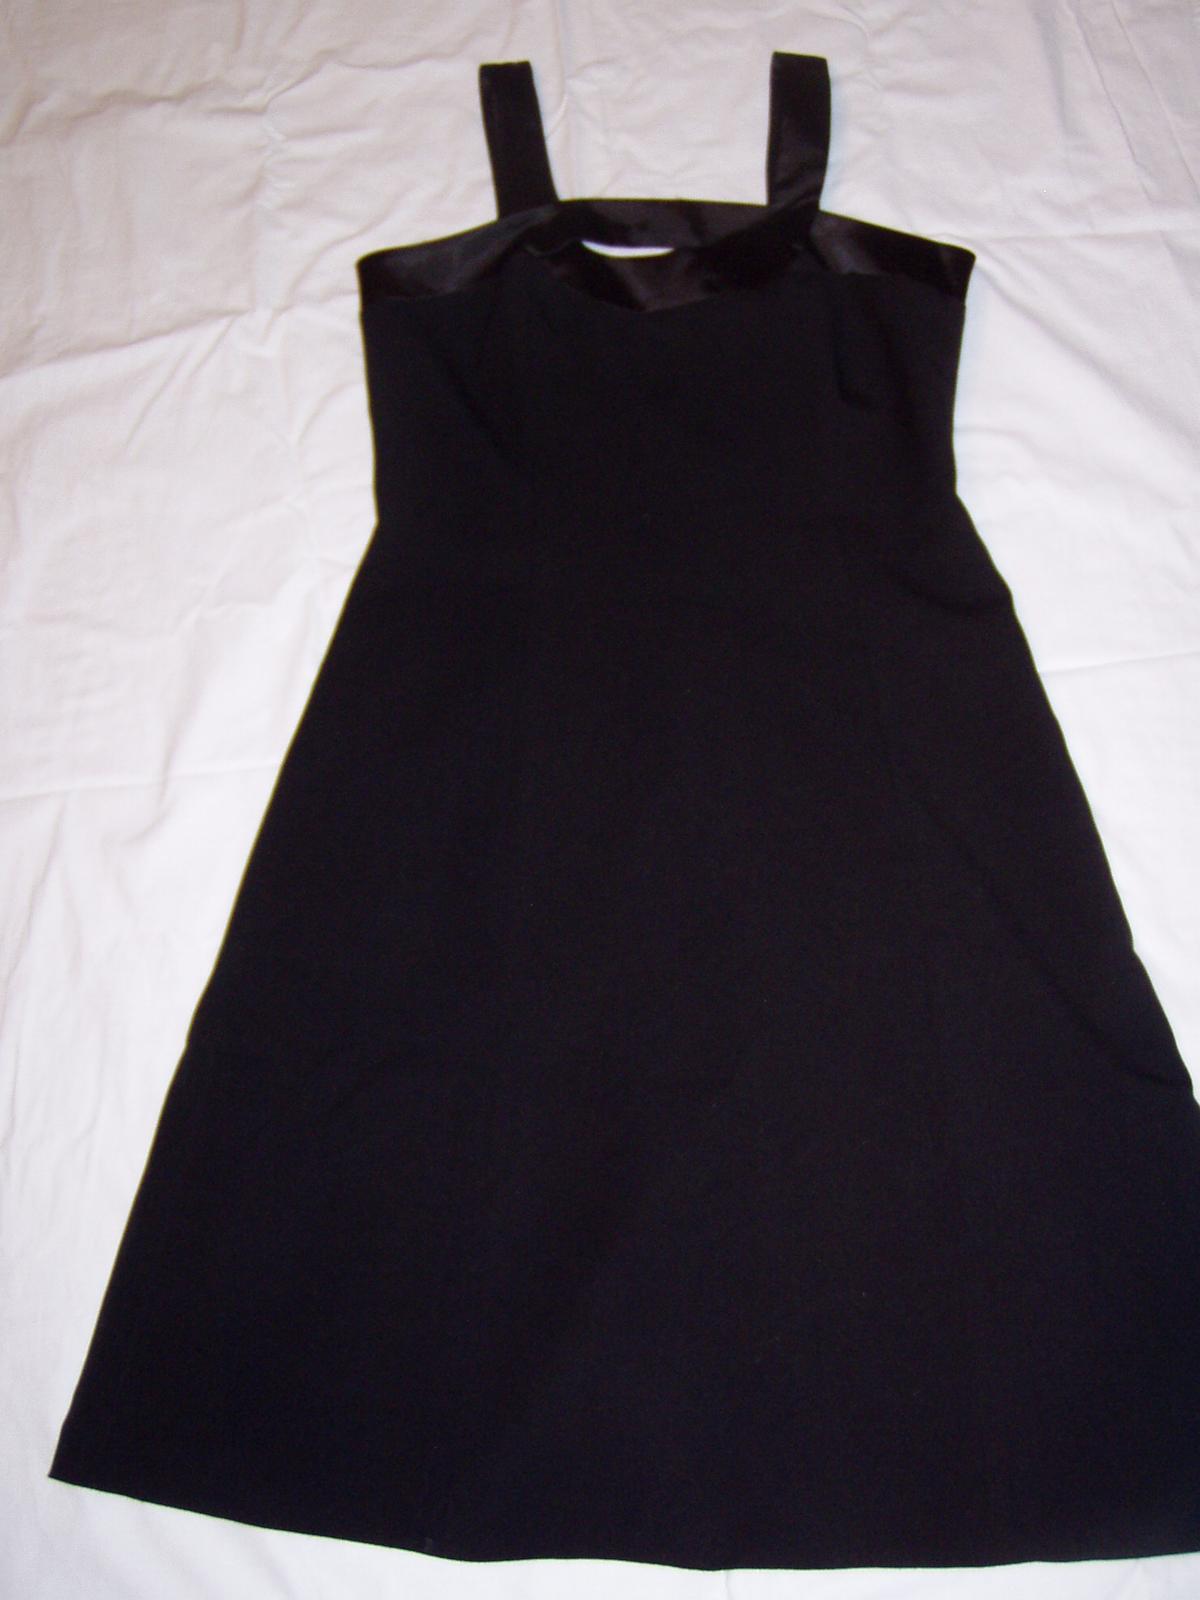 čierne spoločenské šaty Chantal veľ. 40 - Obrázok č. 4